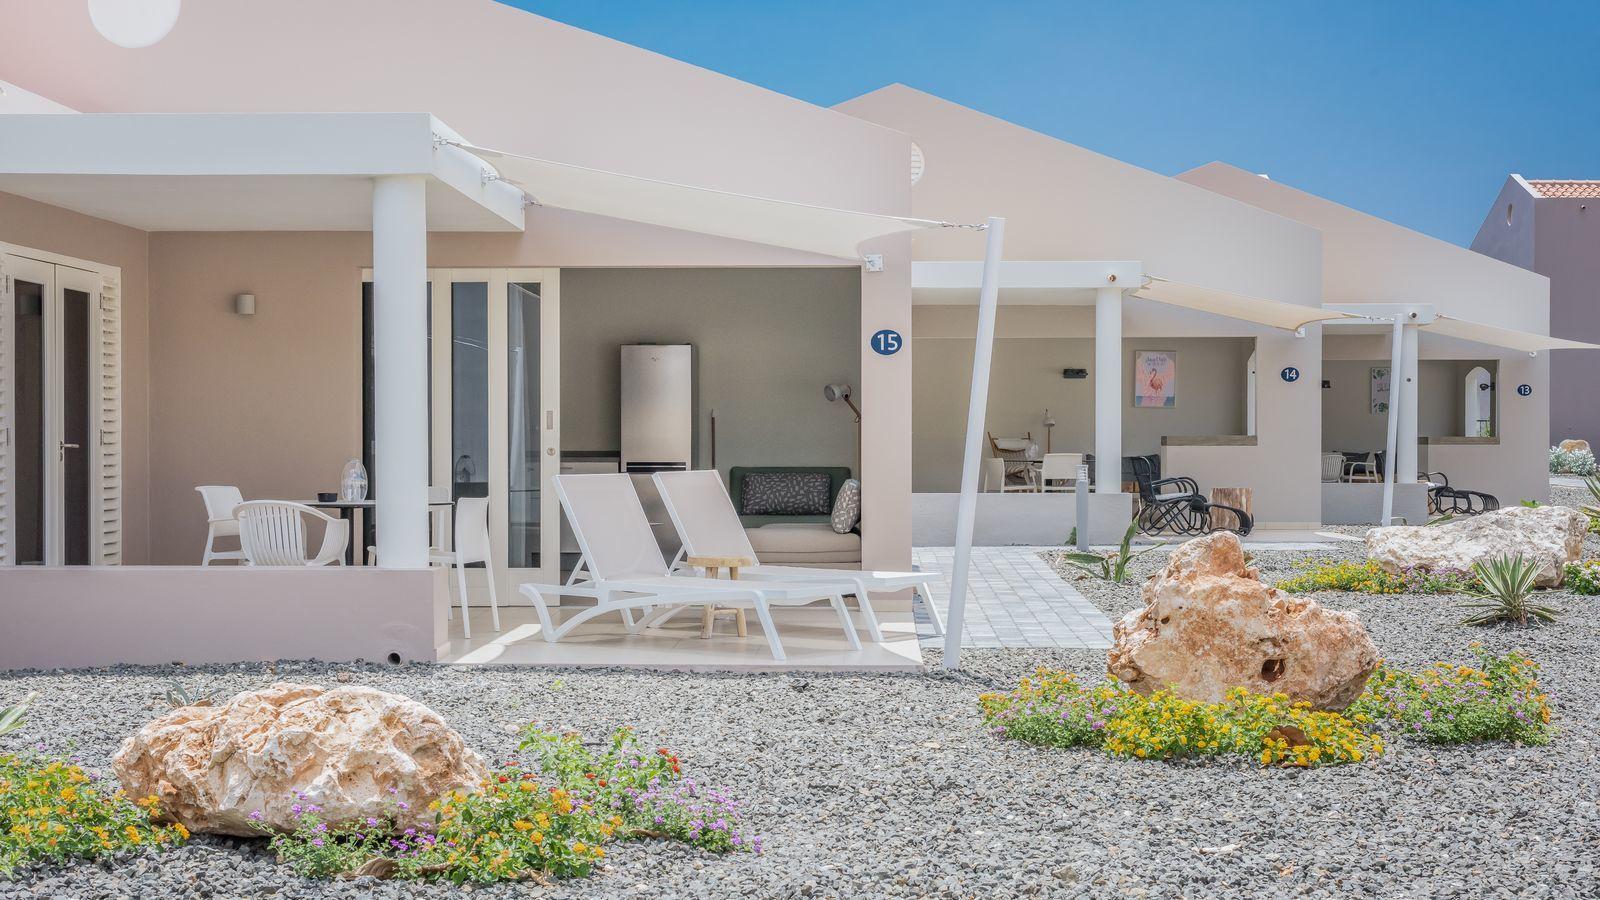 Casa de vacaciones para cuatro personas Lanais VIP